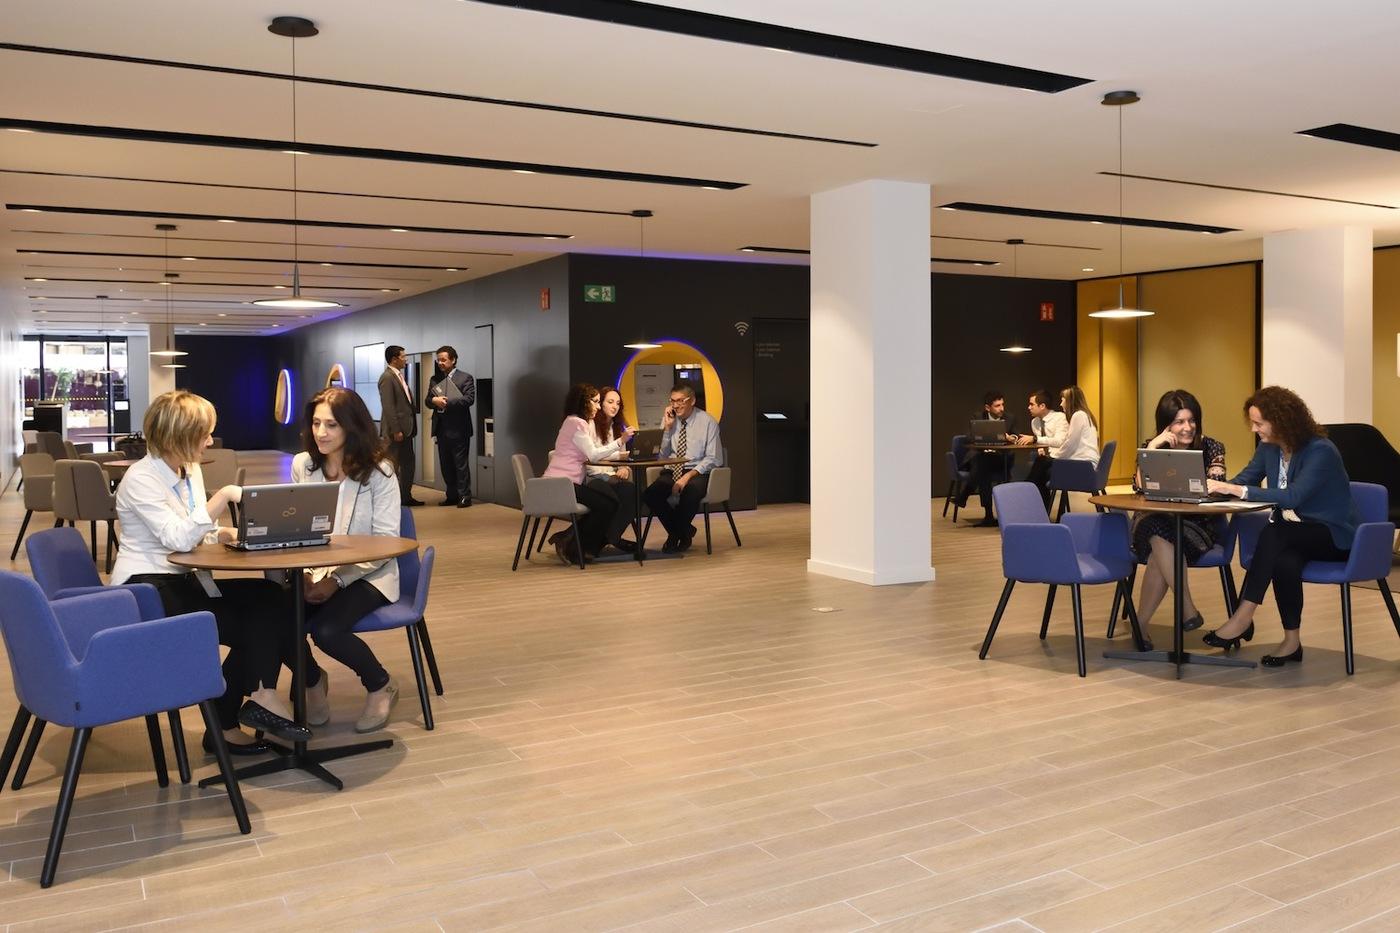 Caixabank obrir a valls una oficina del nou model store for Oficina 9383 la caixa